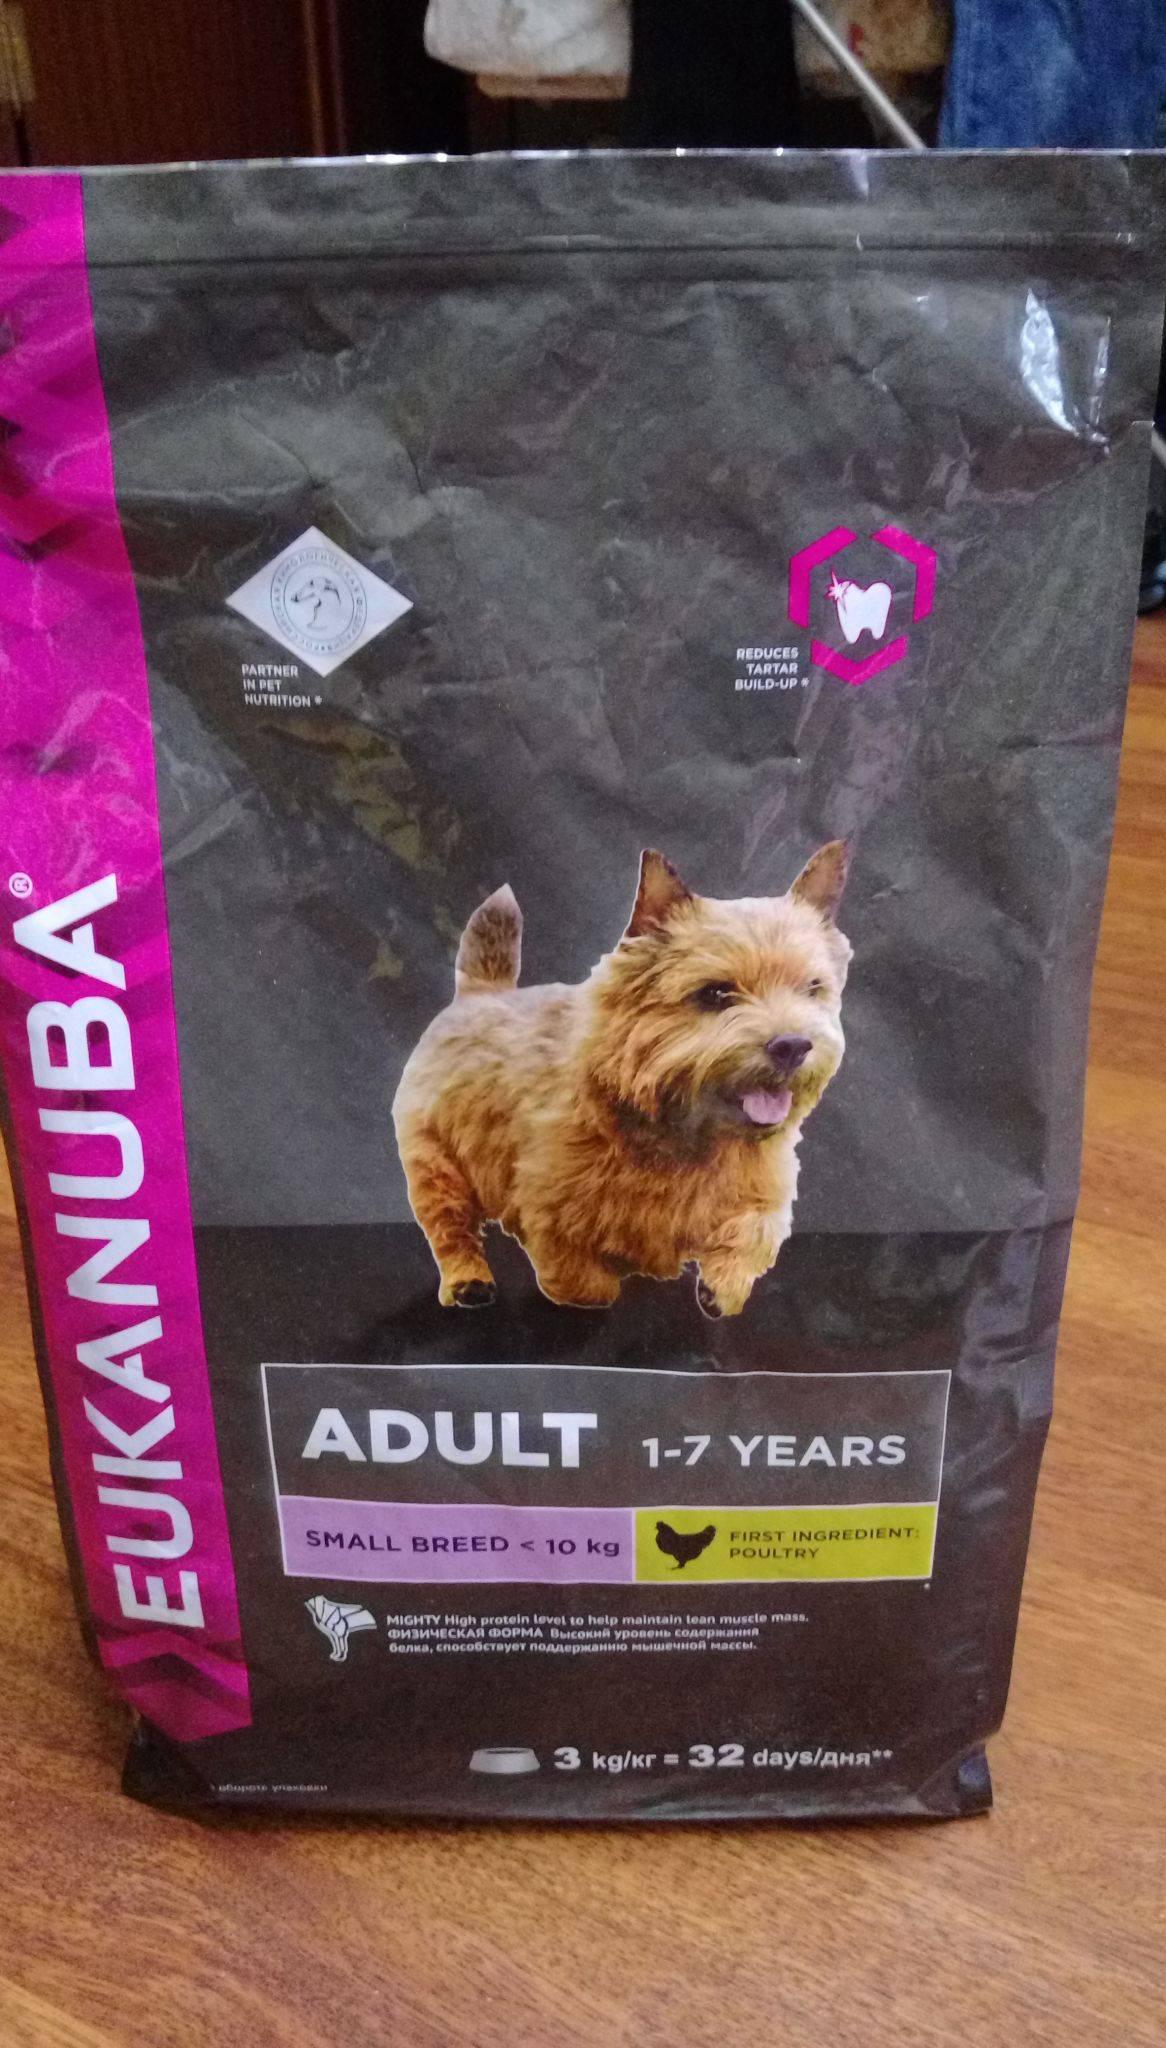 Eukanuba корм для собак: отзывы, где купить, состав